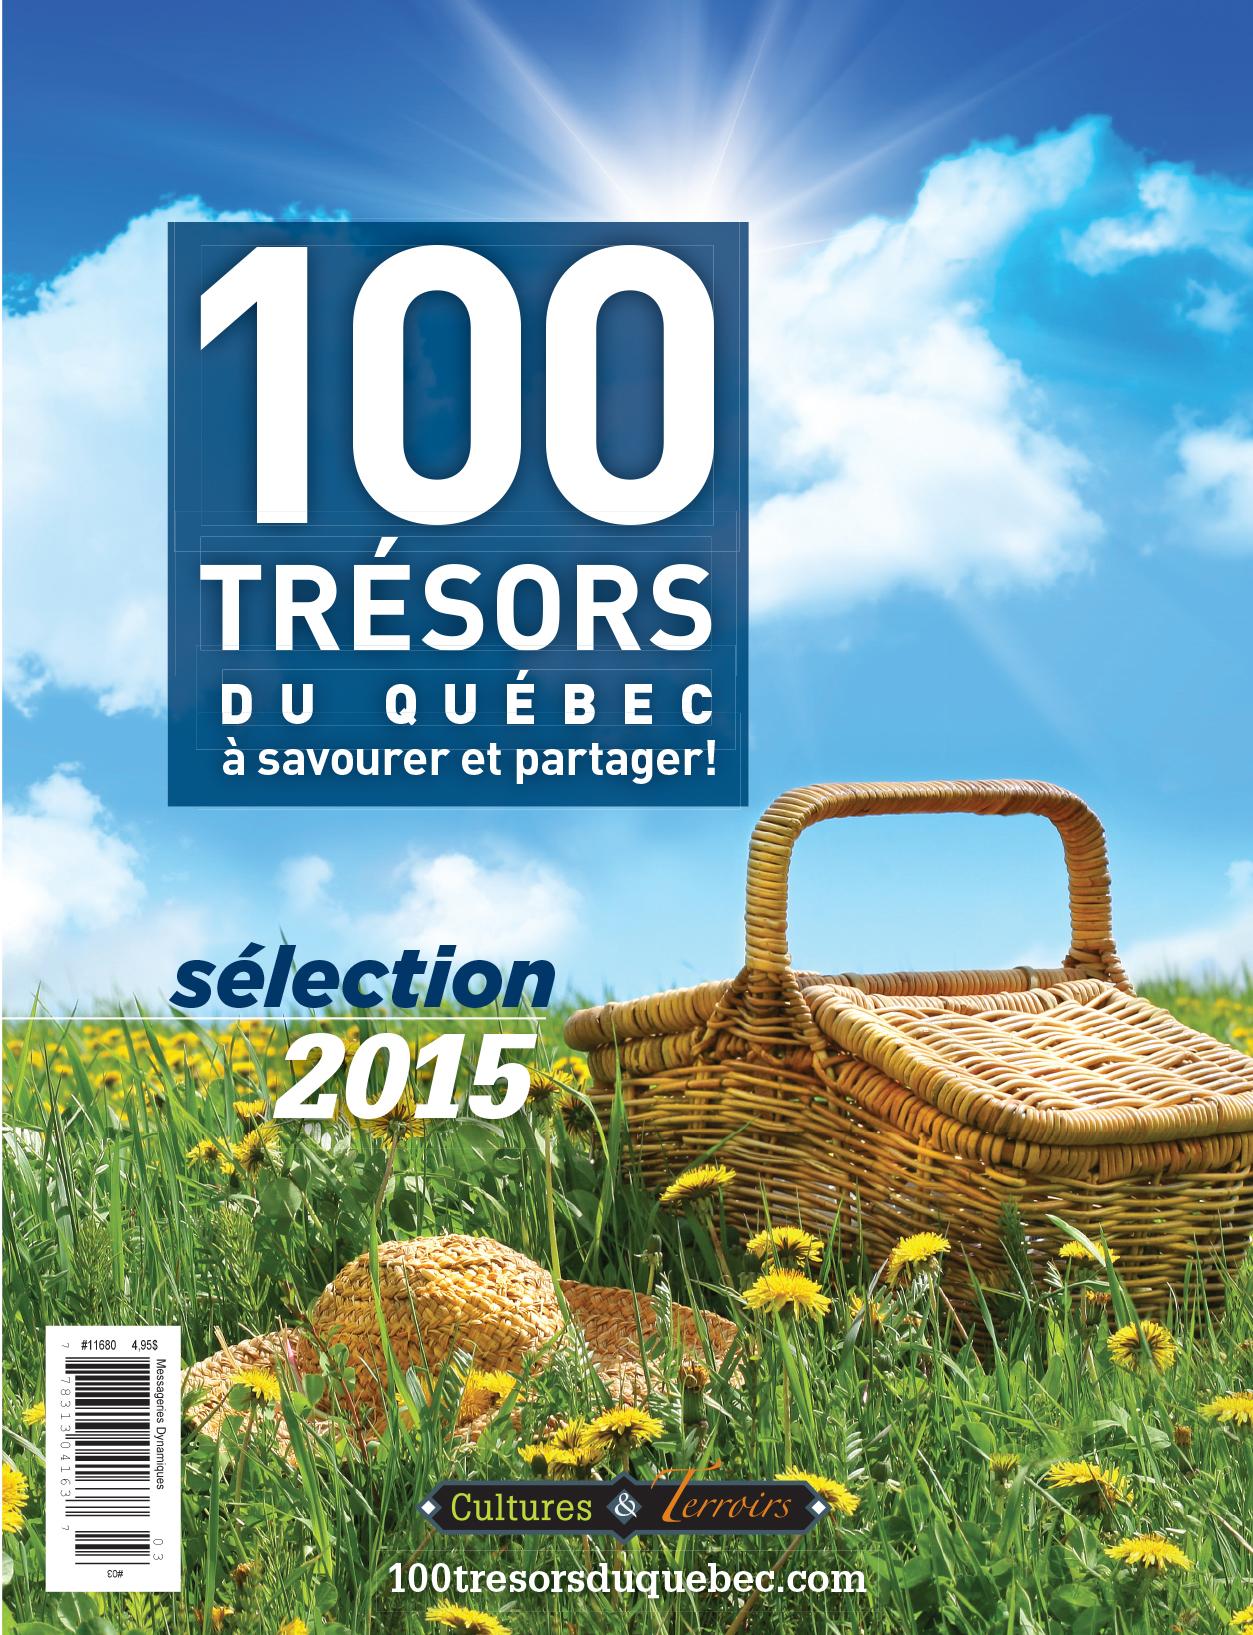 Les 100 Trésors du Québec avec Monsieur Terroirs